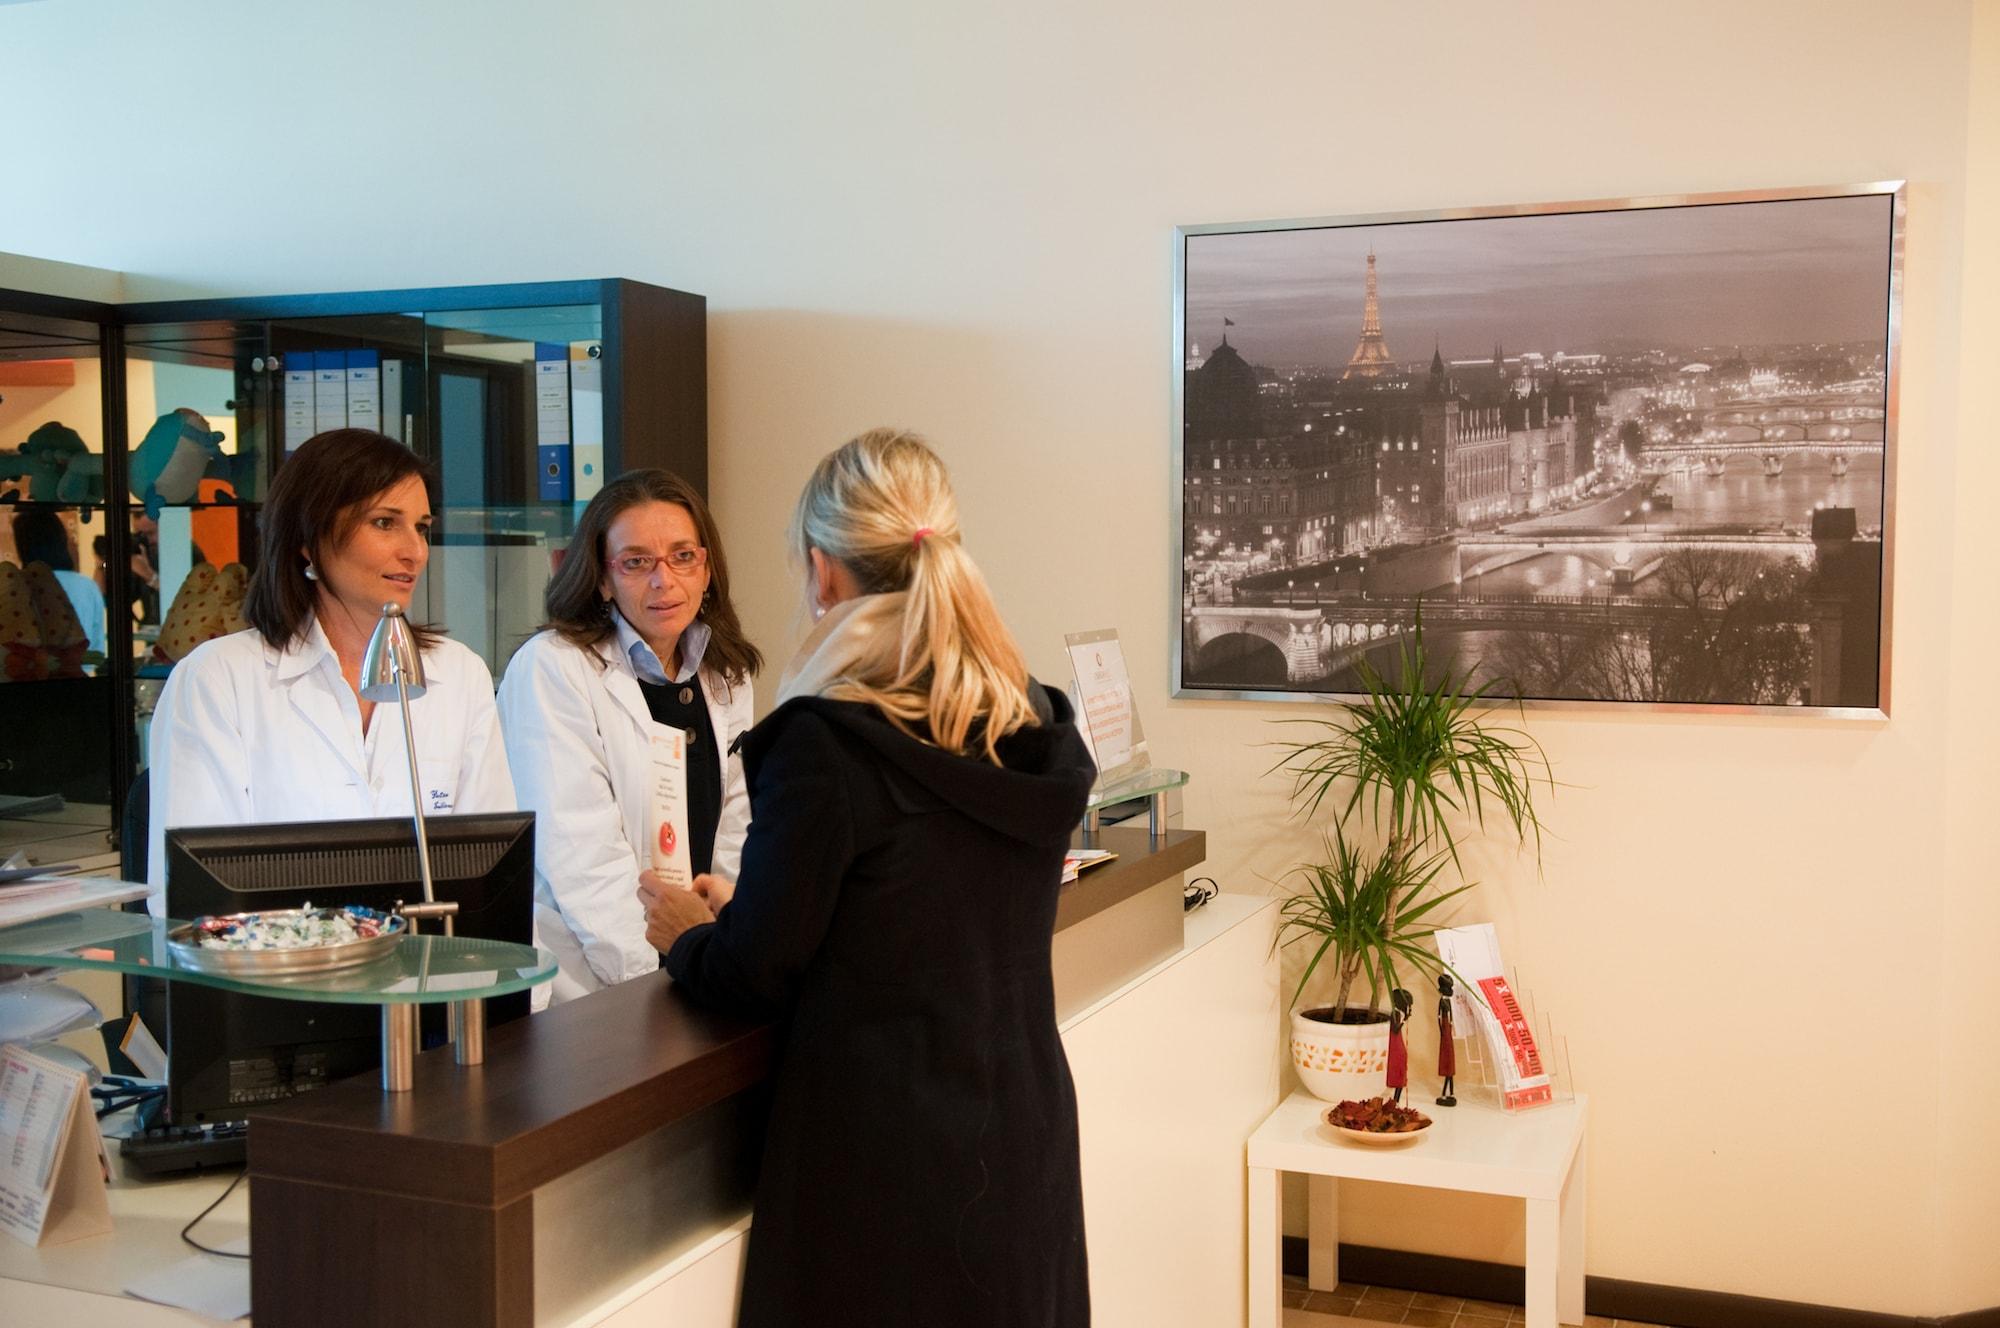 Centro medico e poliambulatorio specialistico a Vicenza (Dueville)